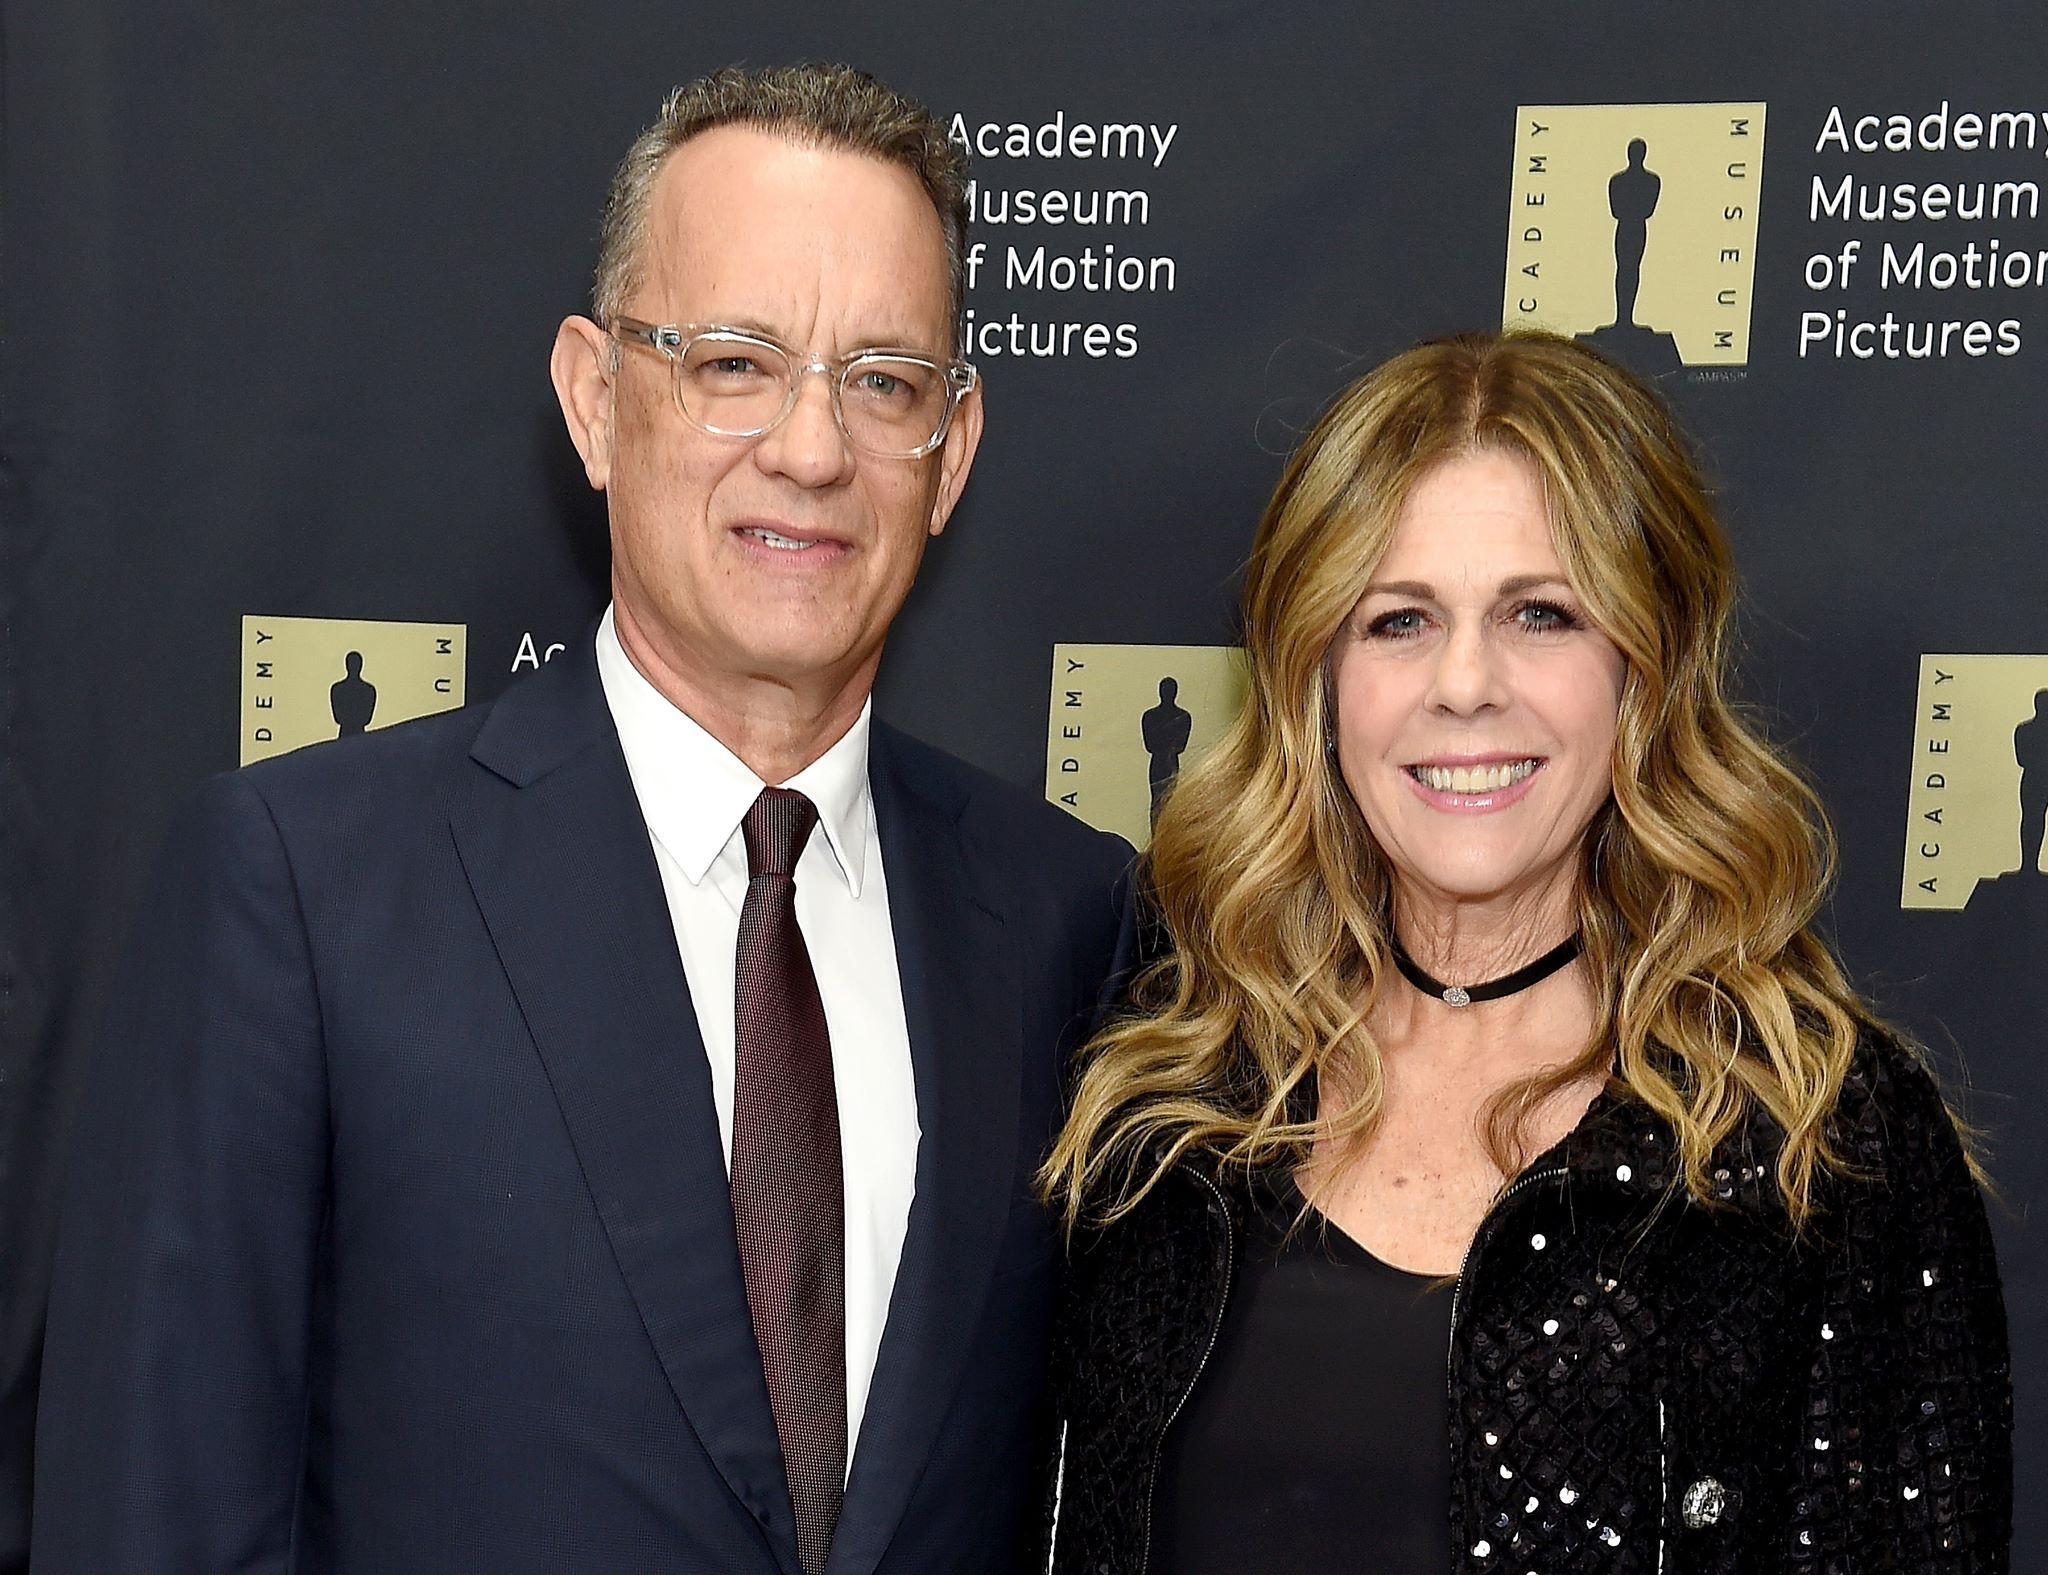 Жүжигчин Том Хэнкс эхнэрийн хамт коронавирусээр халдварлажээ